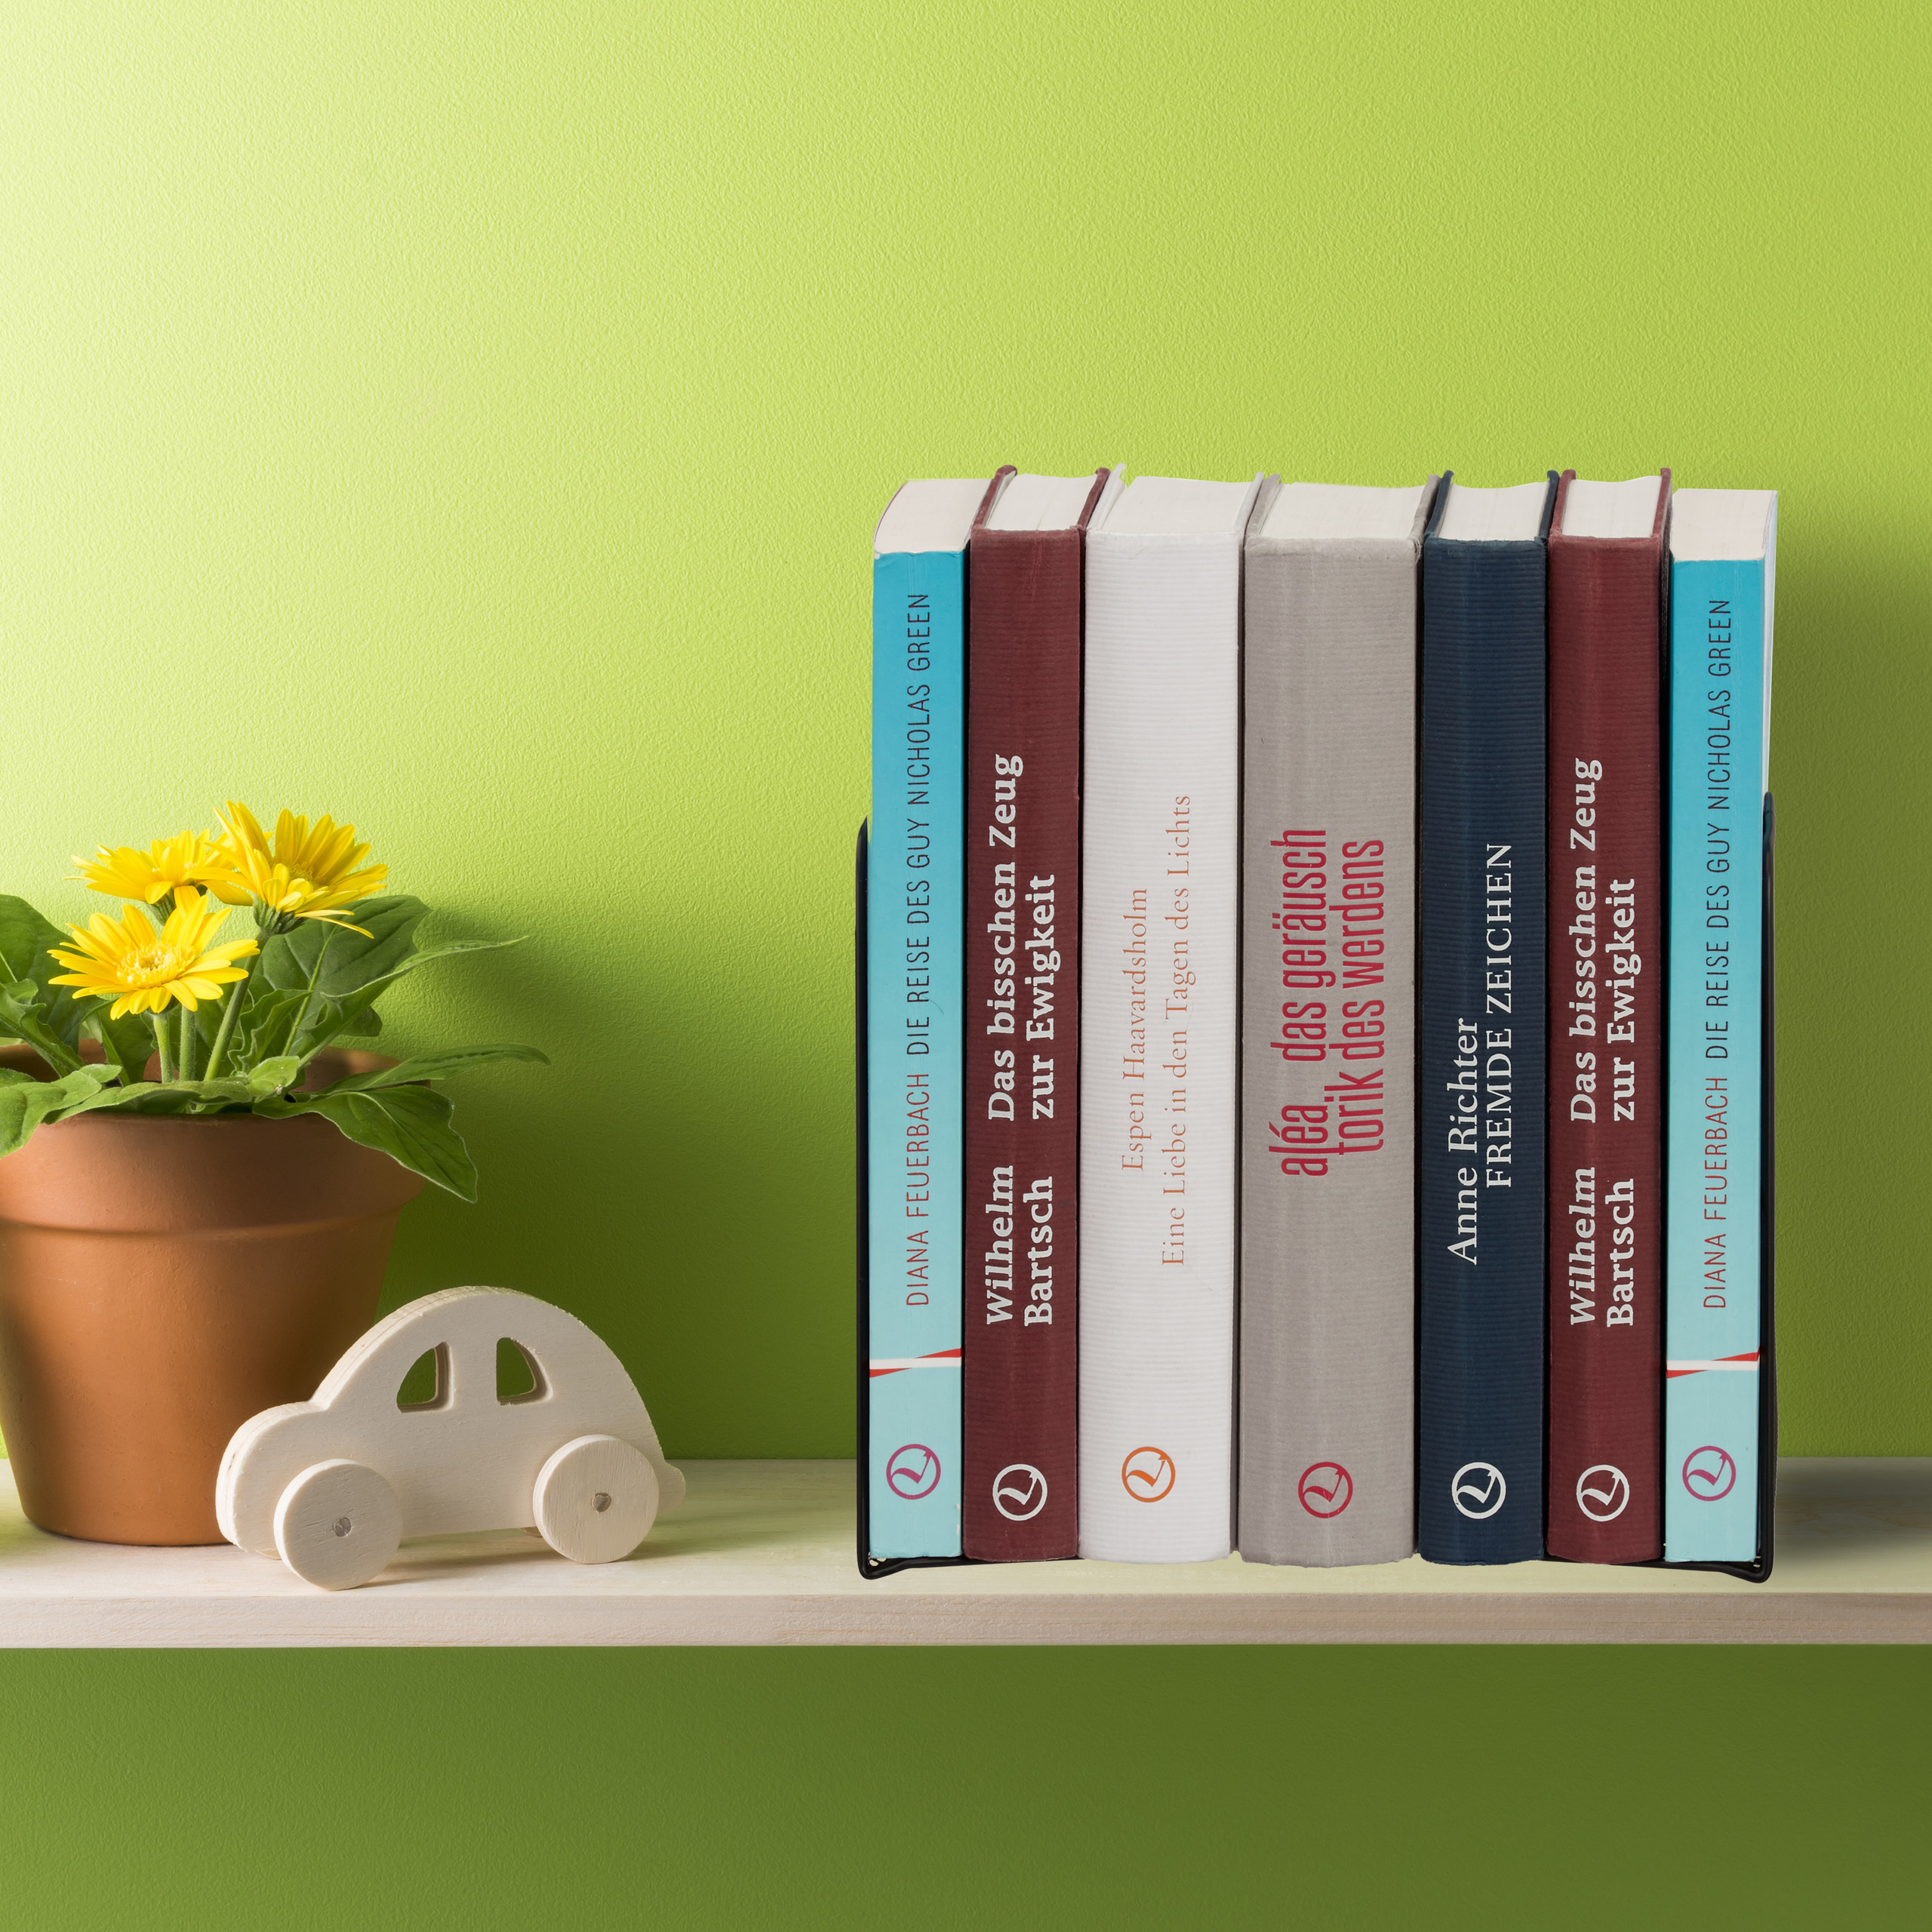 Buchstütze Buchaufsteller Buchhalterung Bücherstütze Winkelbuchstütze Bookend